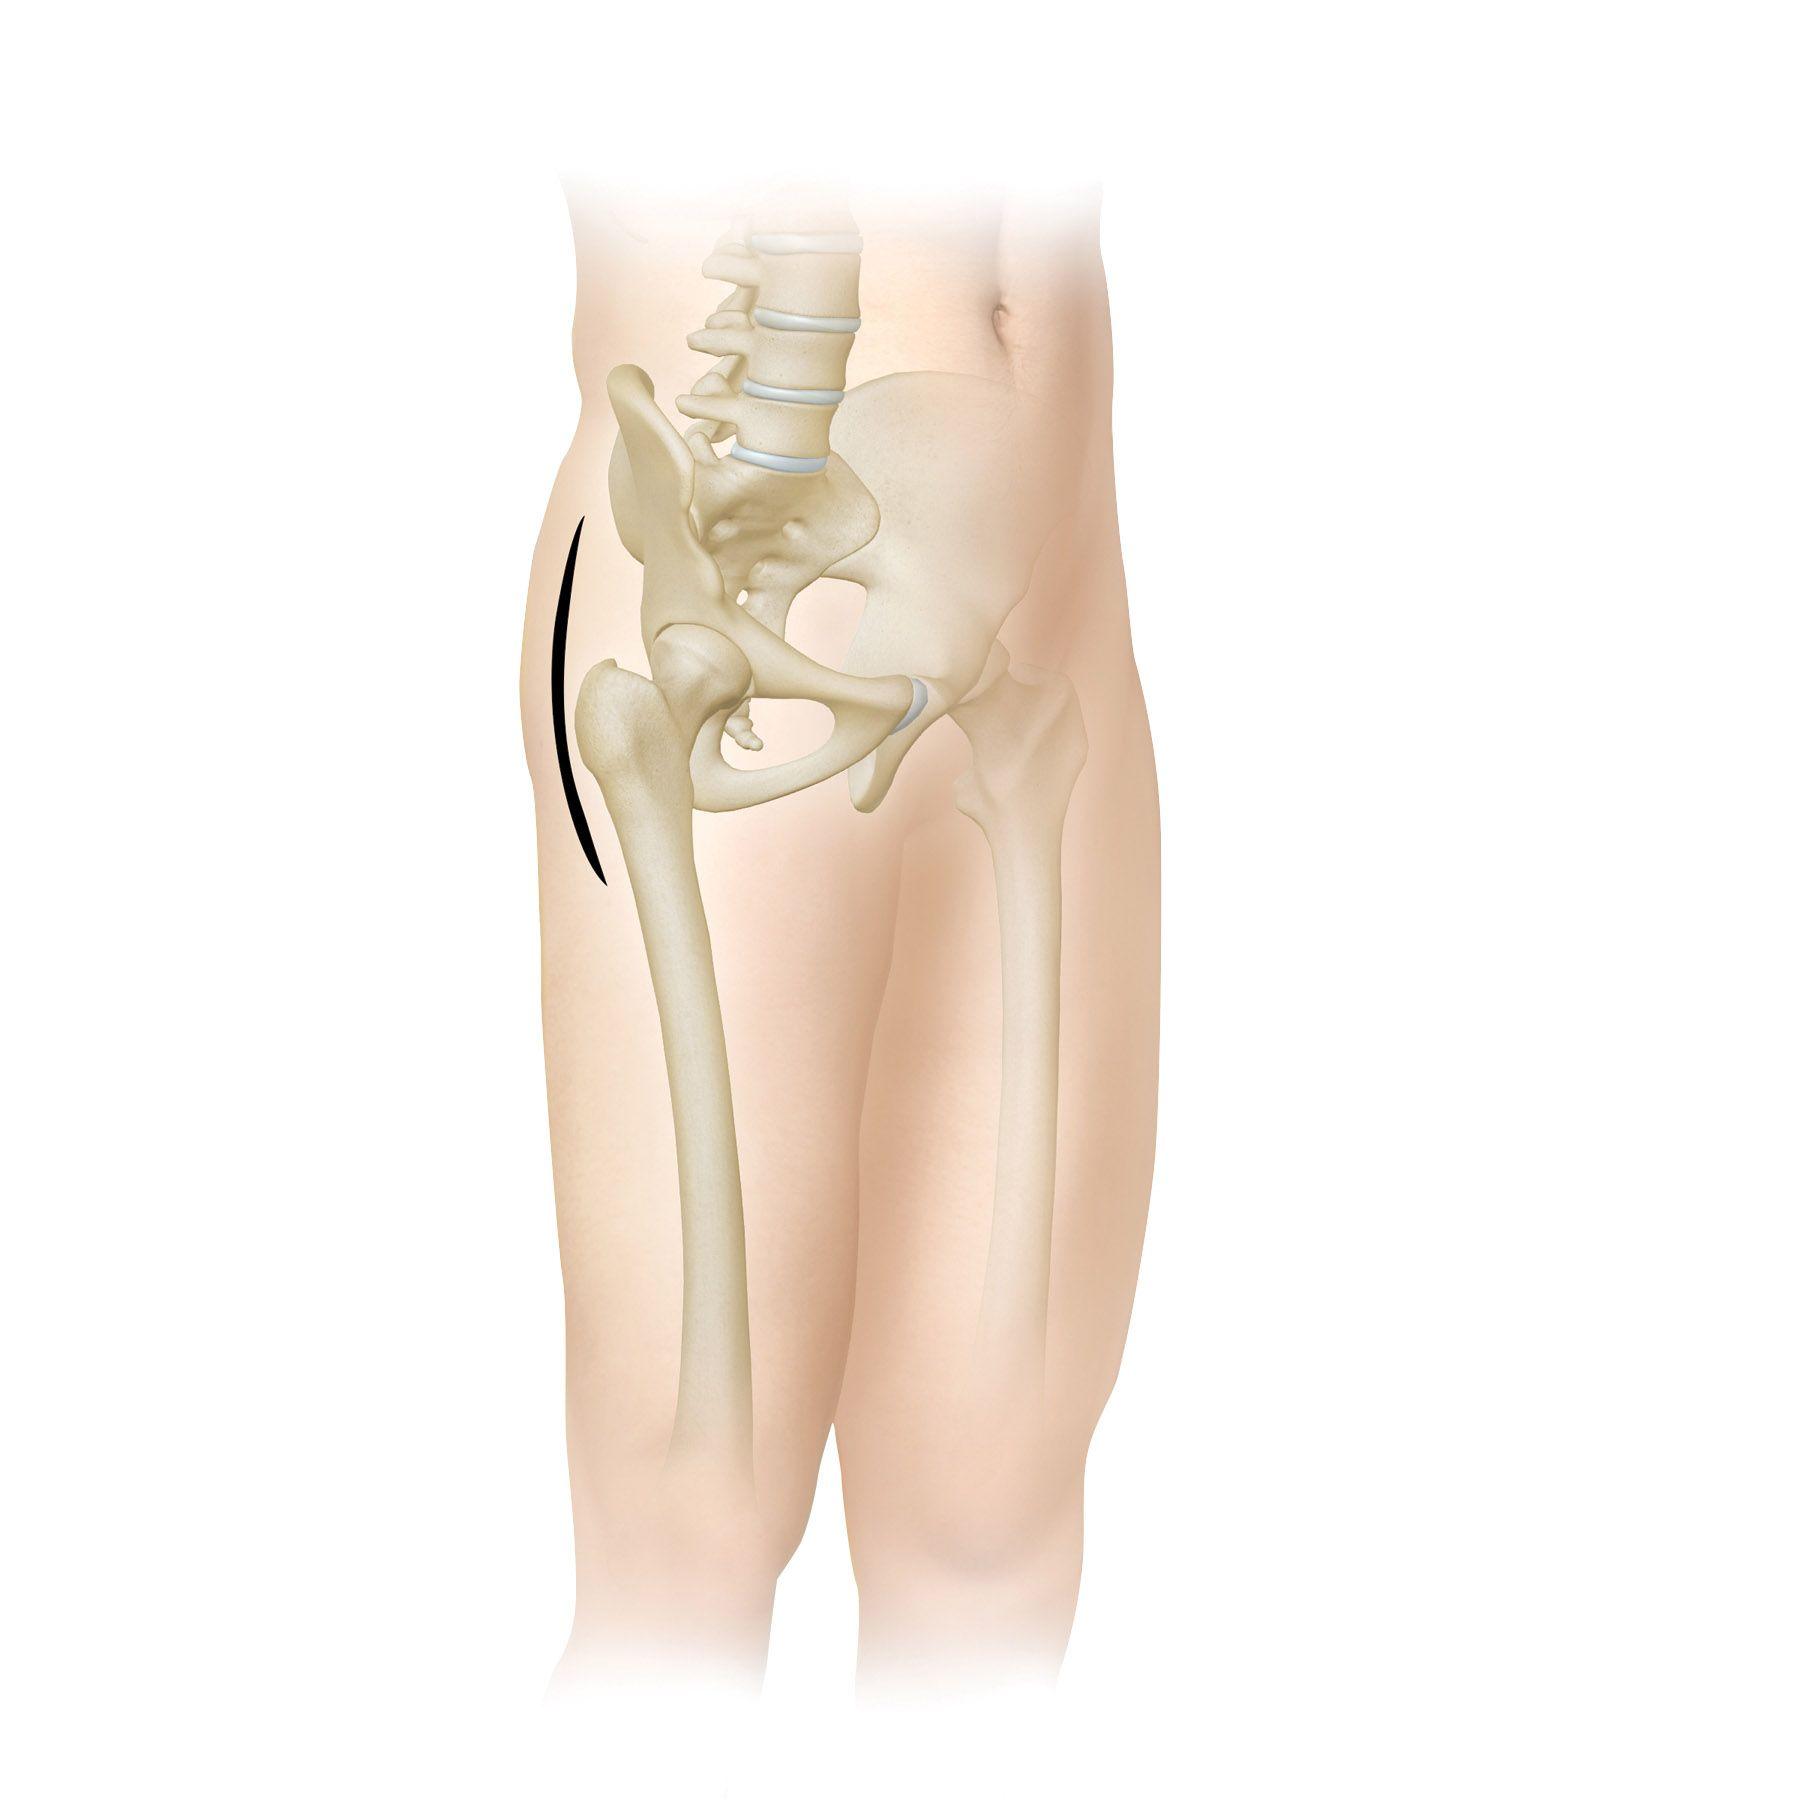 Zimmer Biomet Hip Replacement